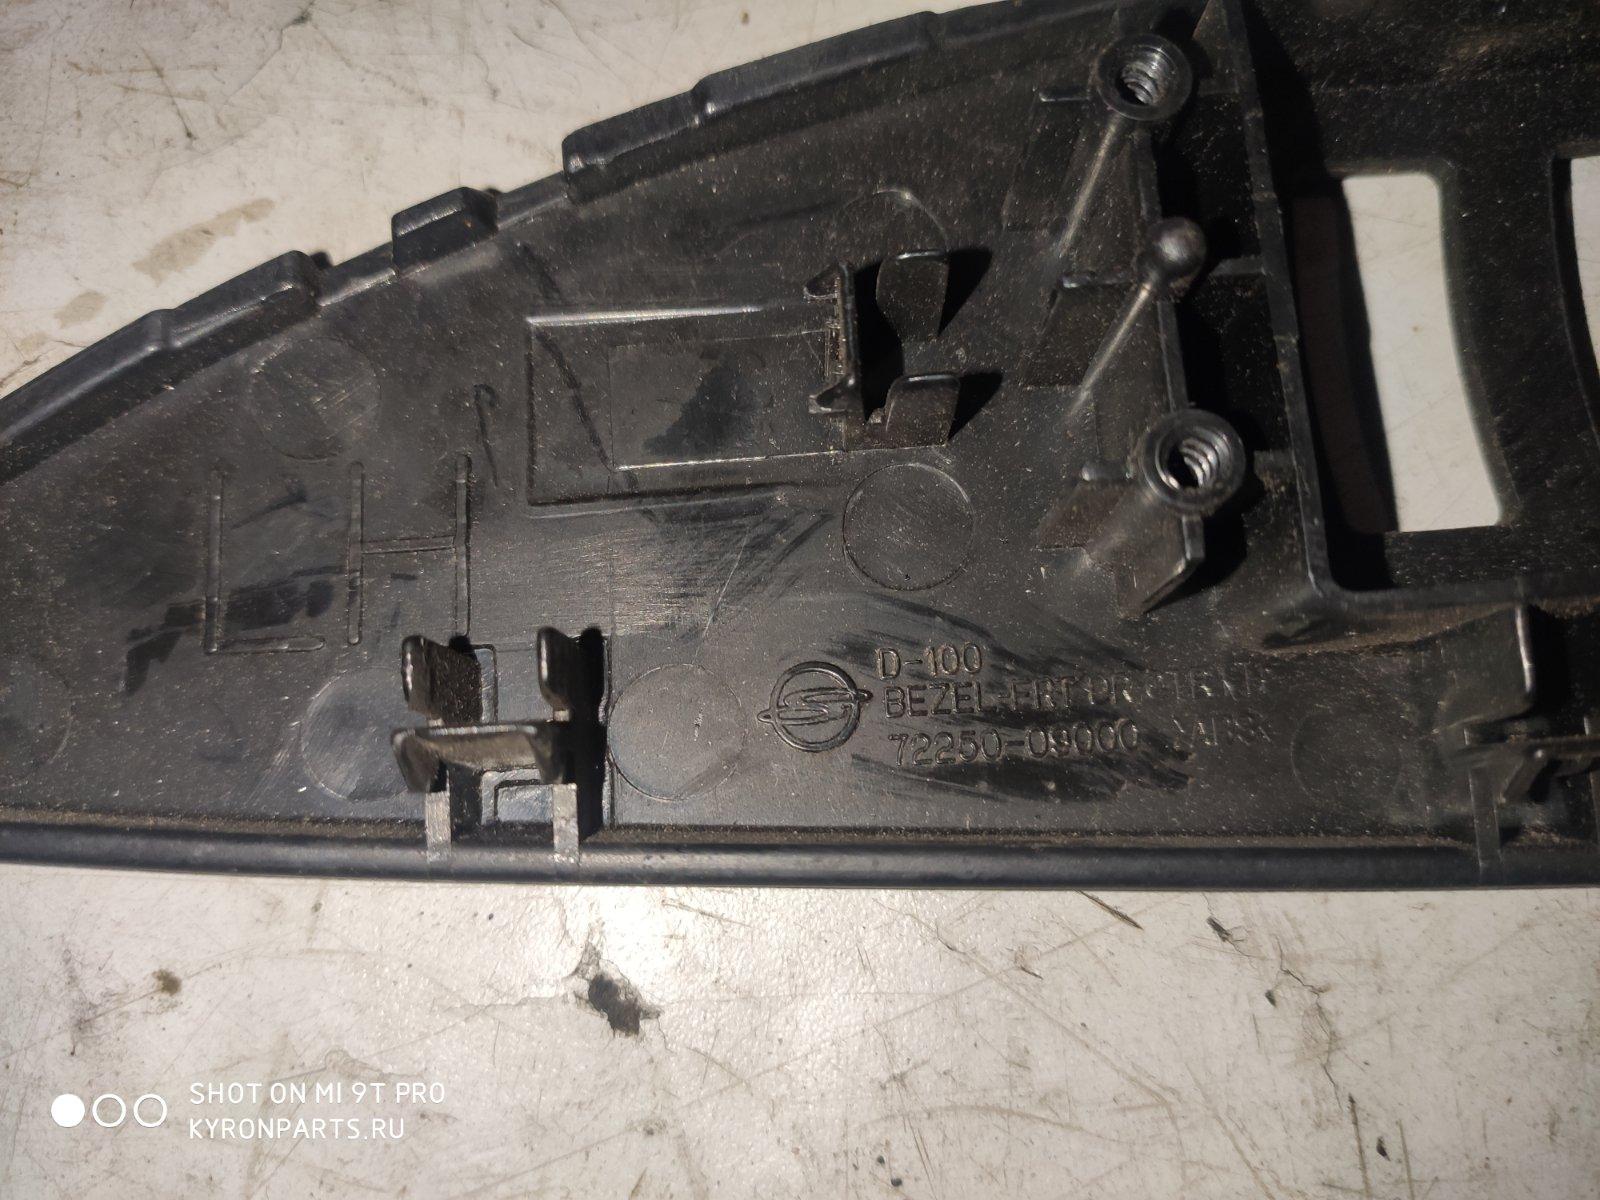 Подлокотник накладка дверной карты передний левый Ssangyong Kyron